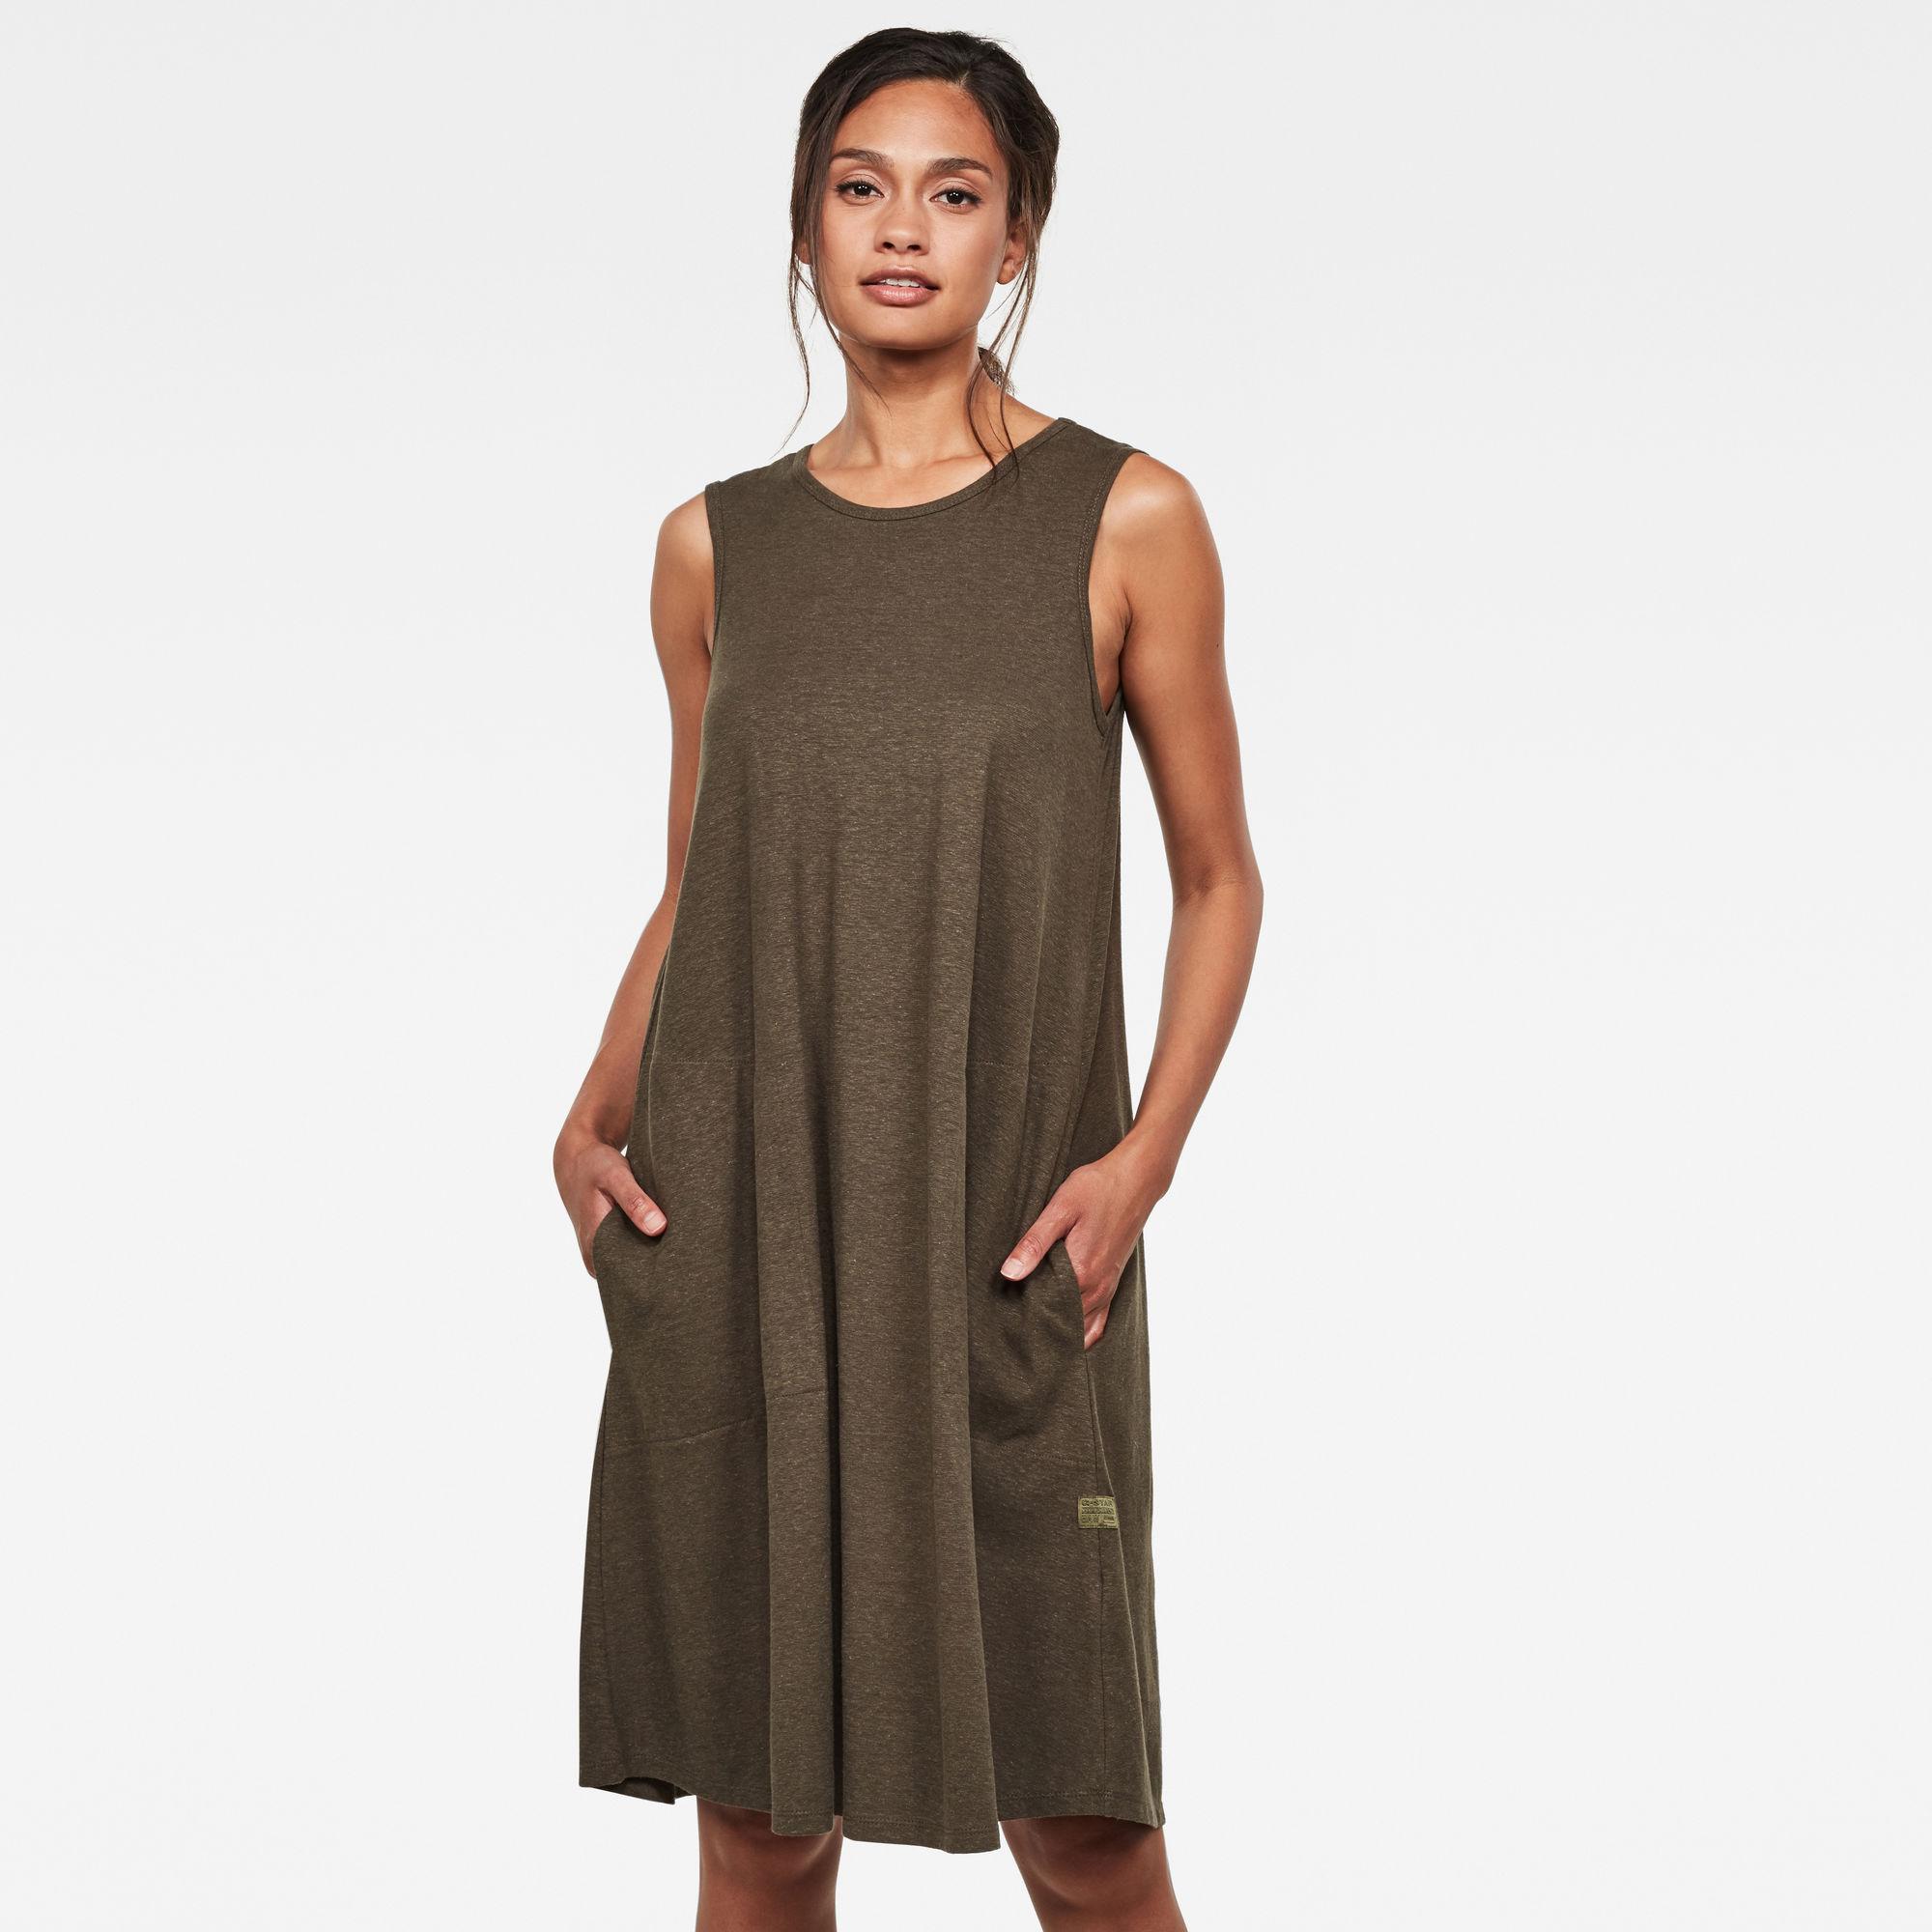 G Star RAW Dames Tank A line Dress Groen